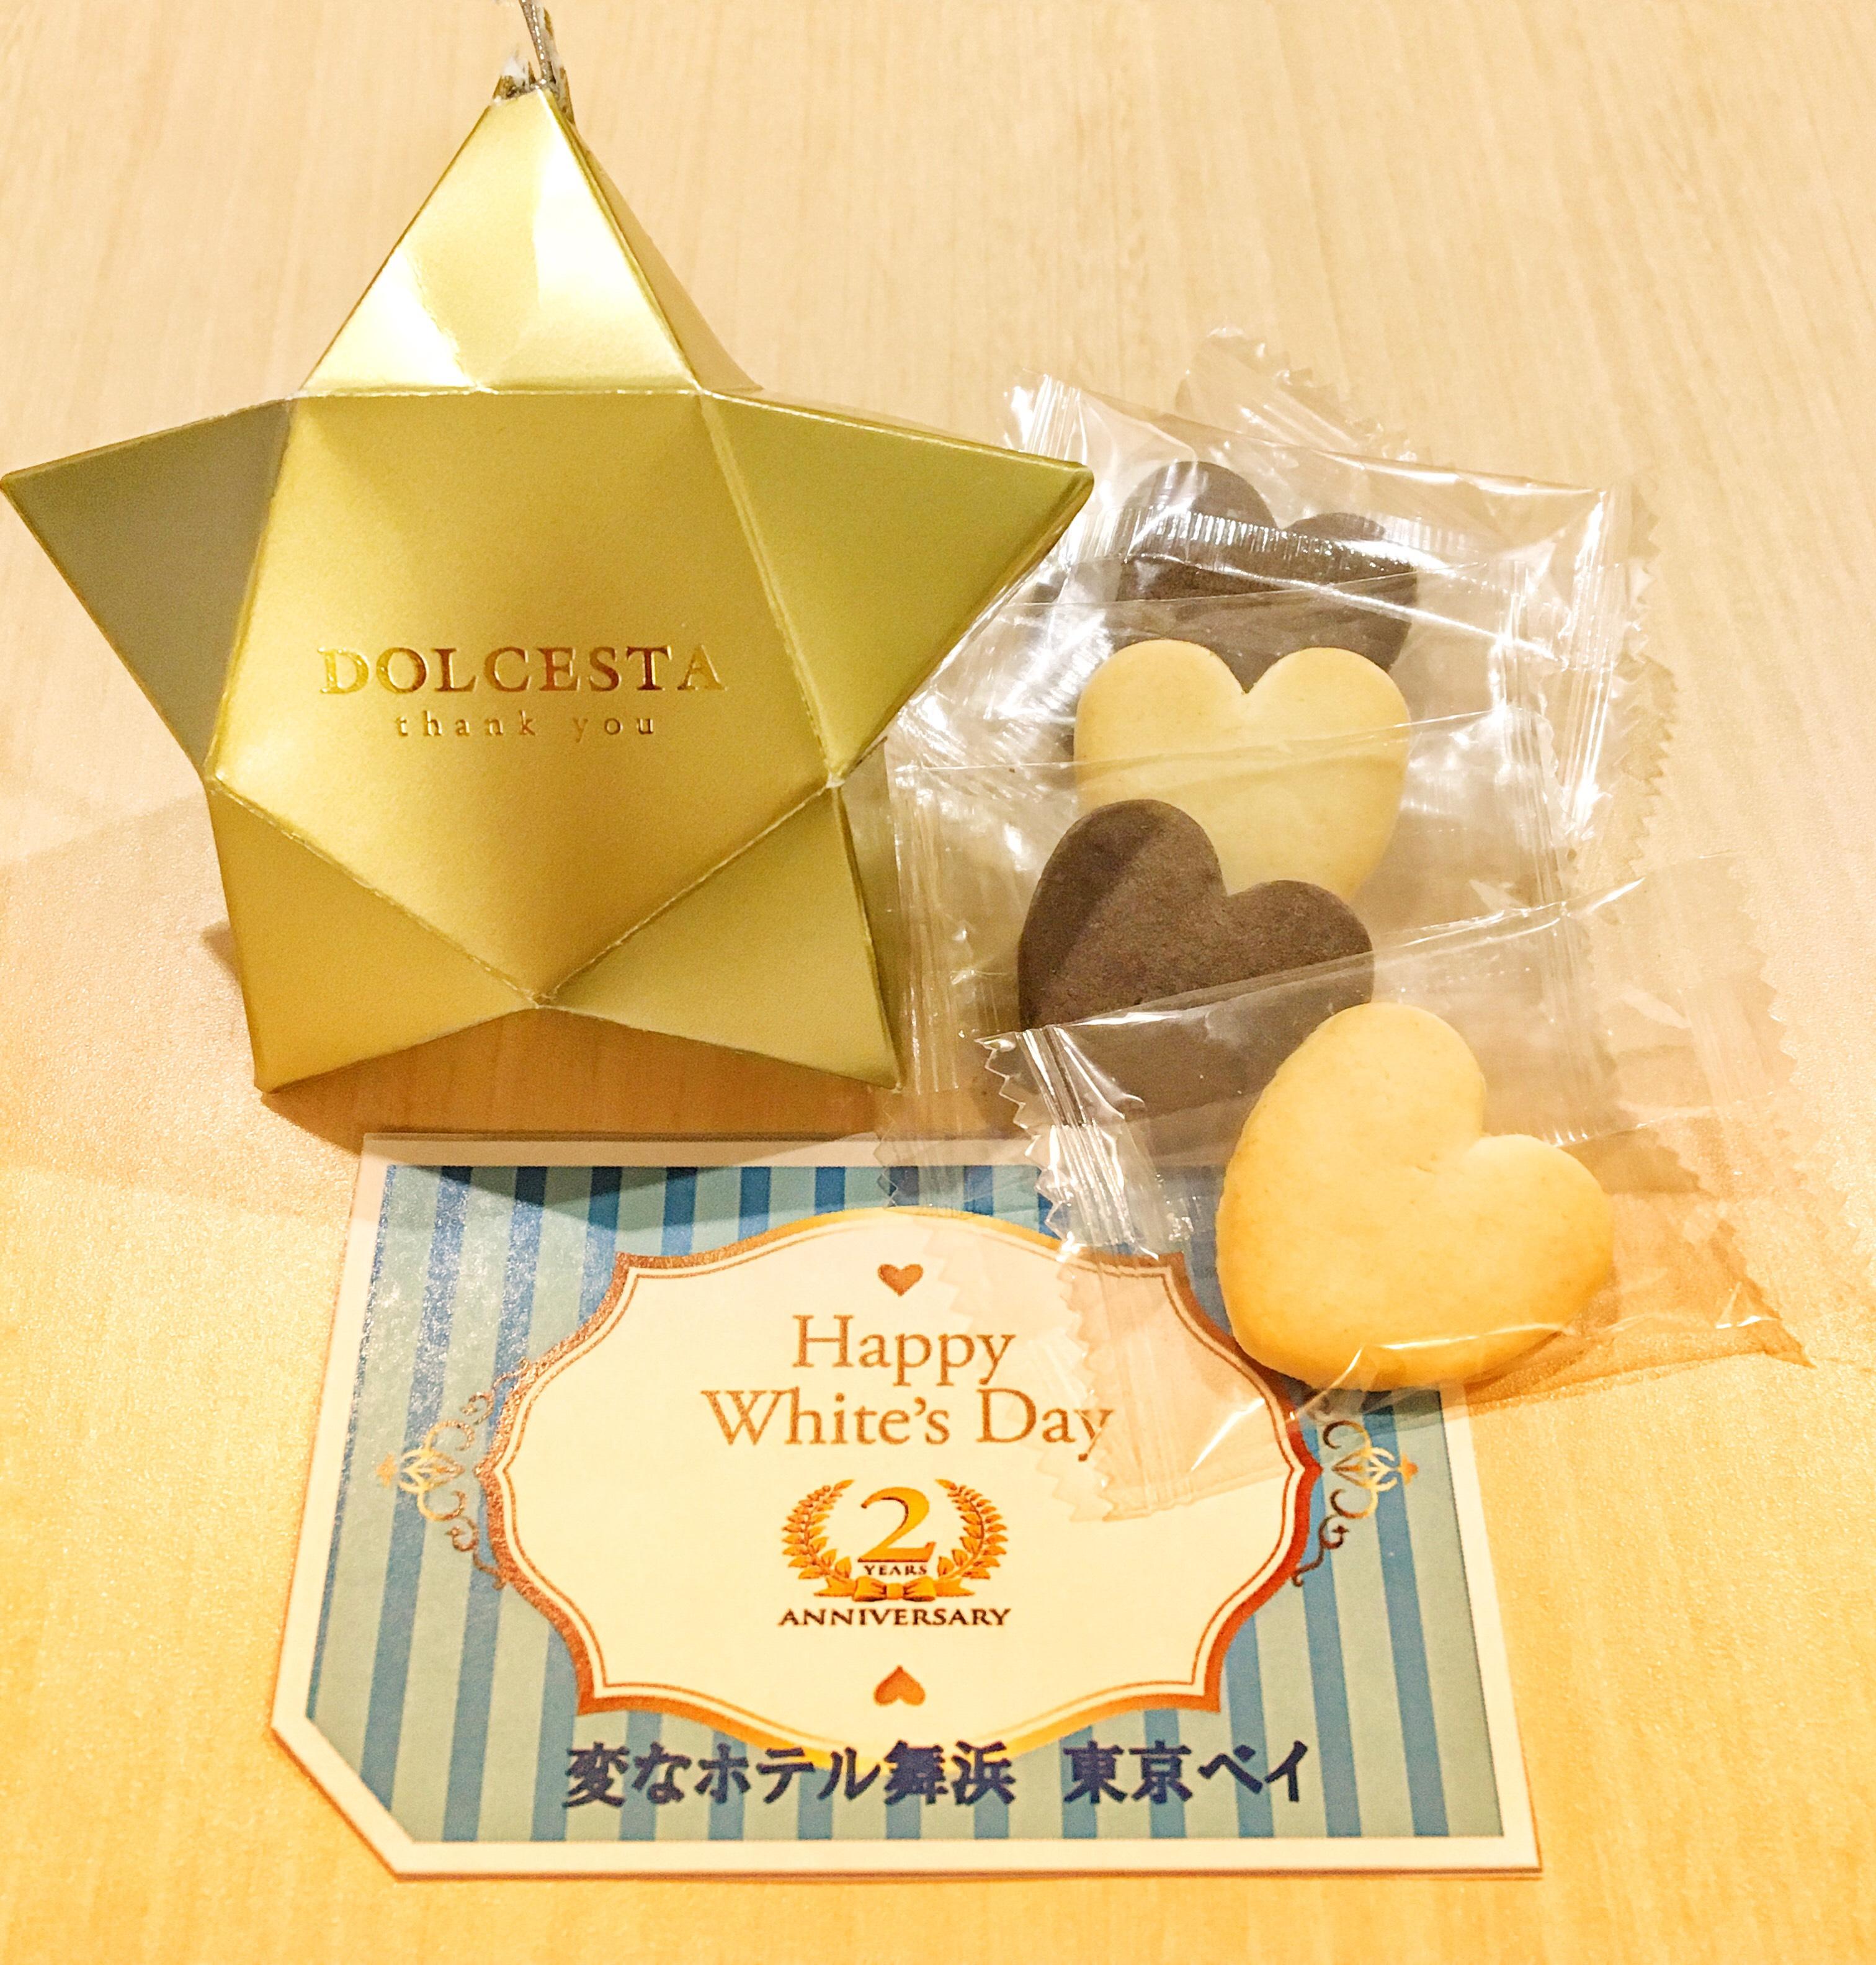 ☆変なホテル舞浜 東京ベイ 2周年記念☆